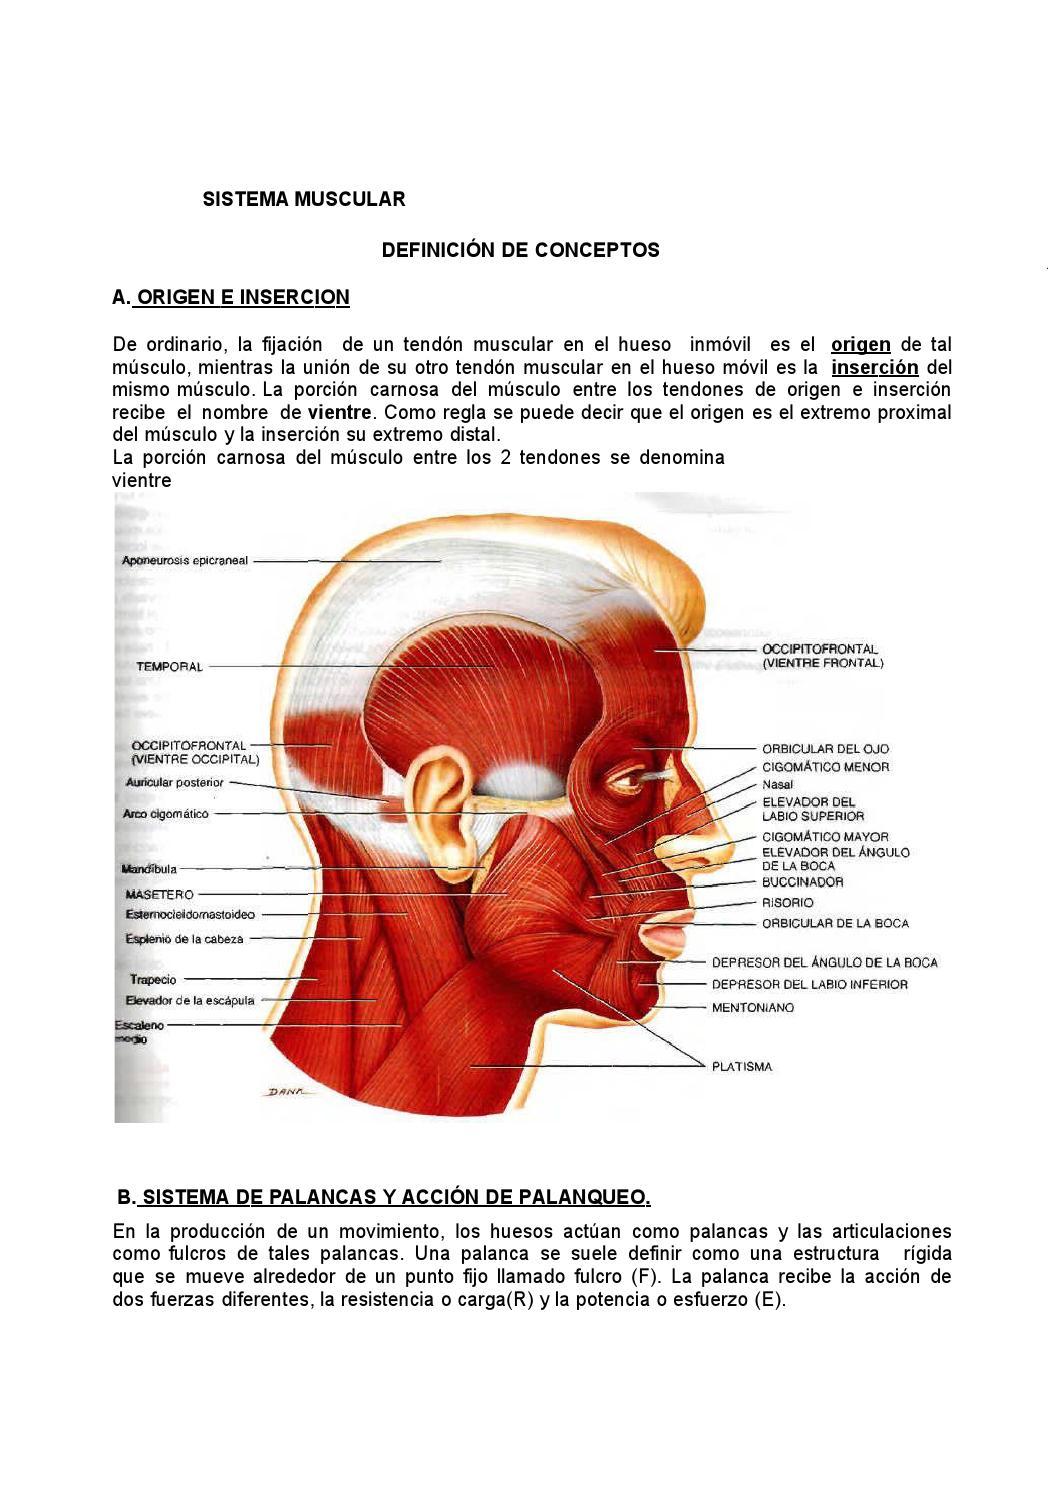 Dorable Definición Anatomía De Origen Viñeta - Imágenes de Anatomía ...